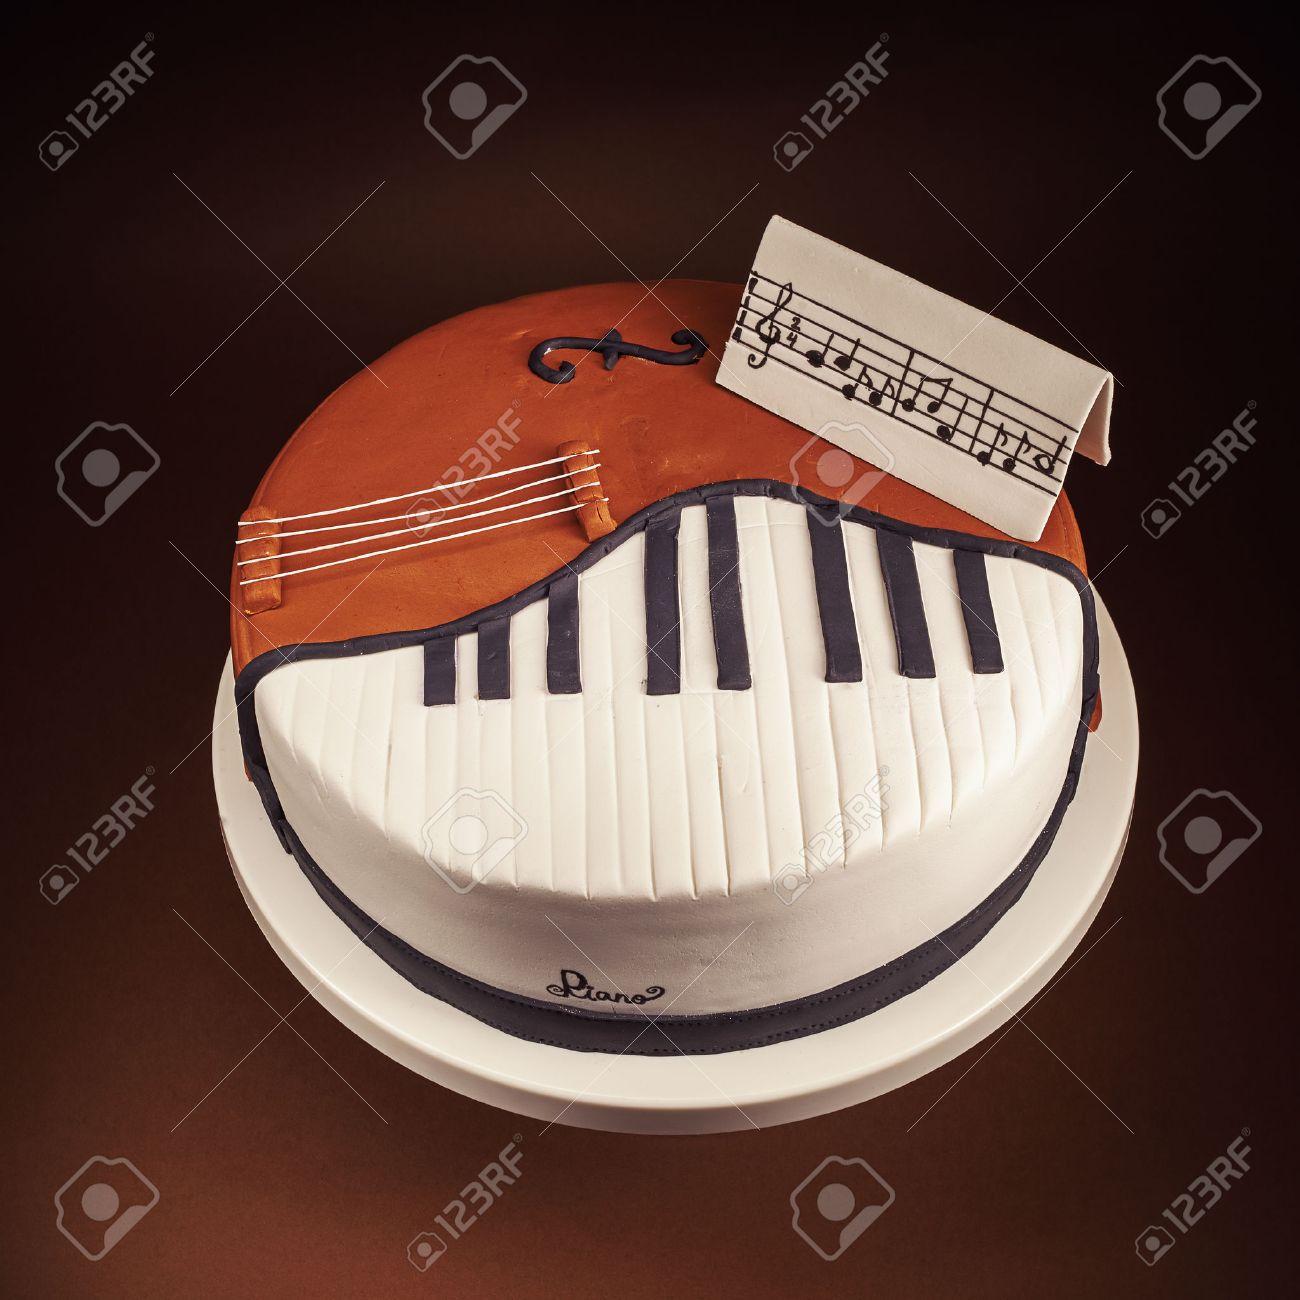 tarta de cumpleaos decorado con pasta de azcar redondeado presentacin de los